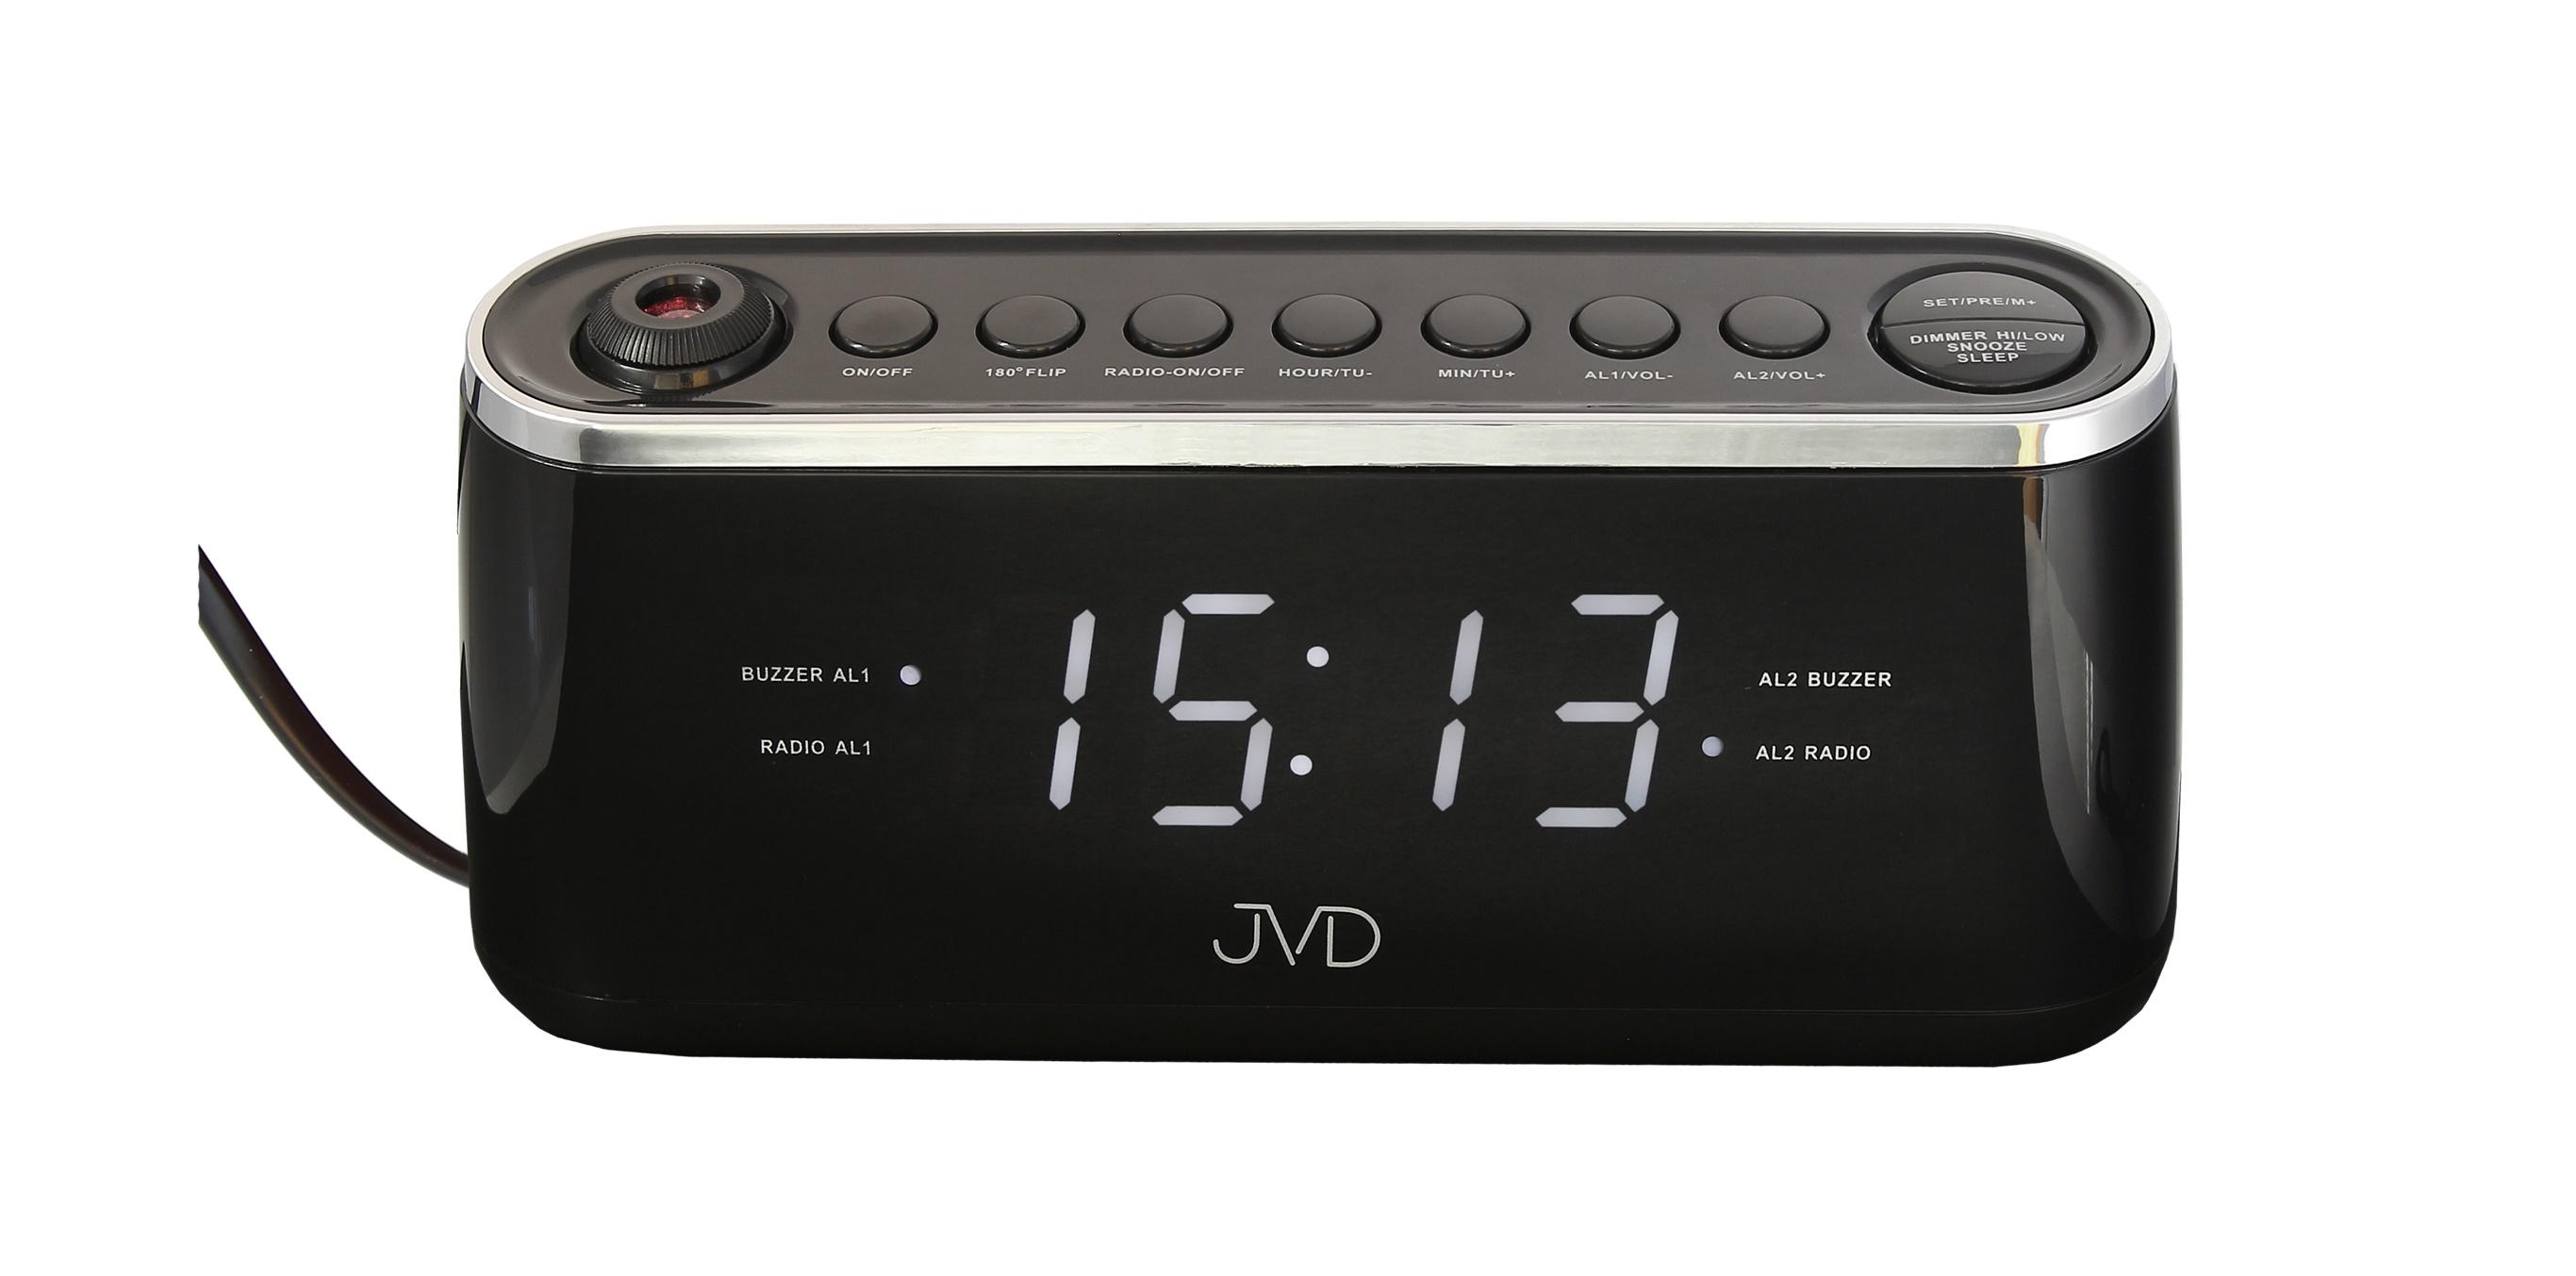 Černý digitální budík do sítě JVD SB97.3 s projektorem času a teploty (POŠTOVNÉ ZDARMA!! - Černý)